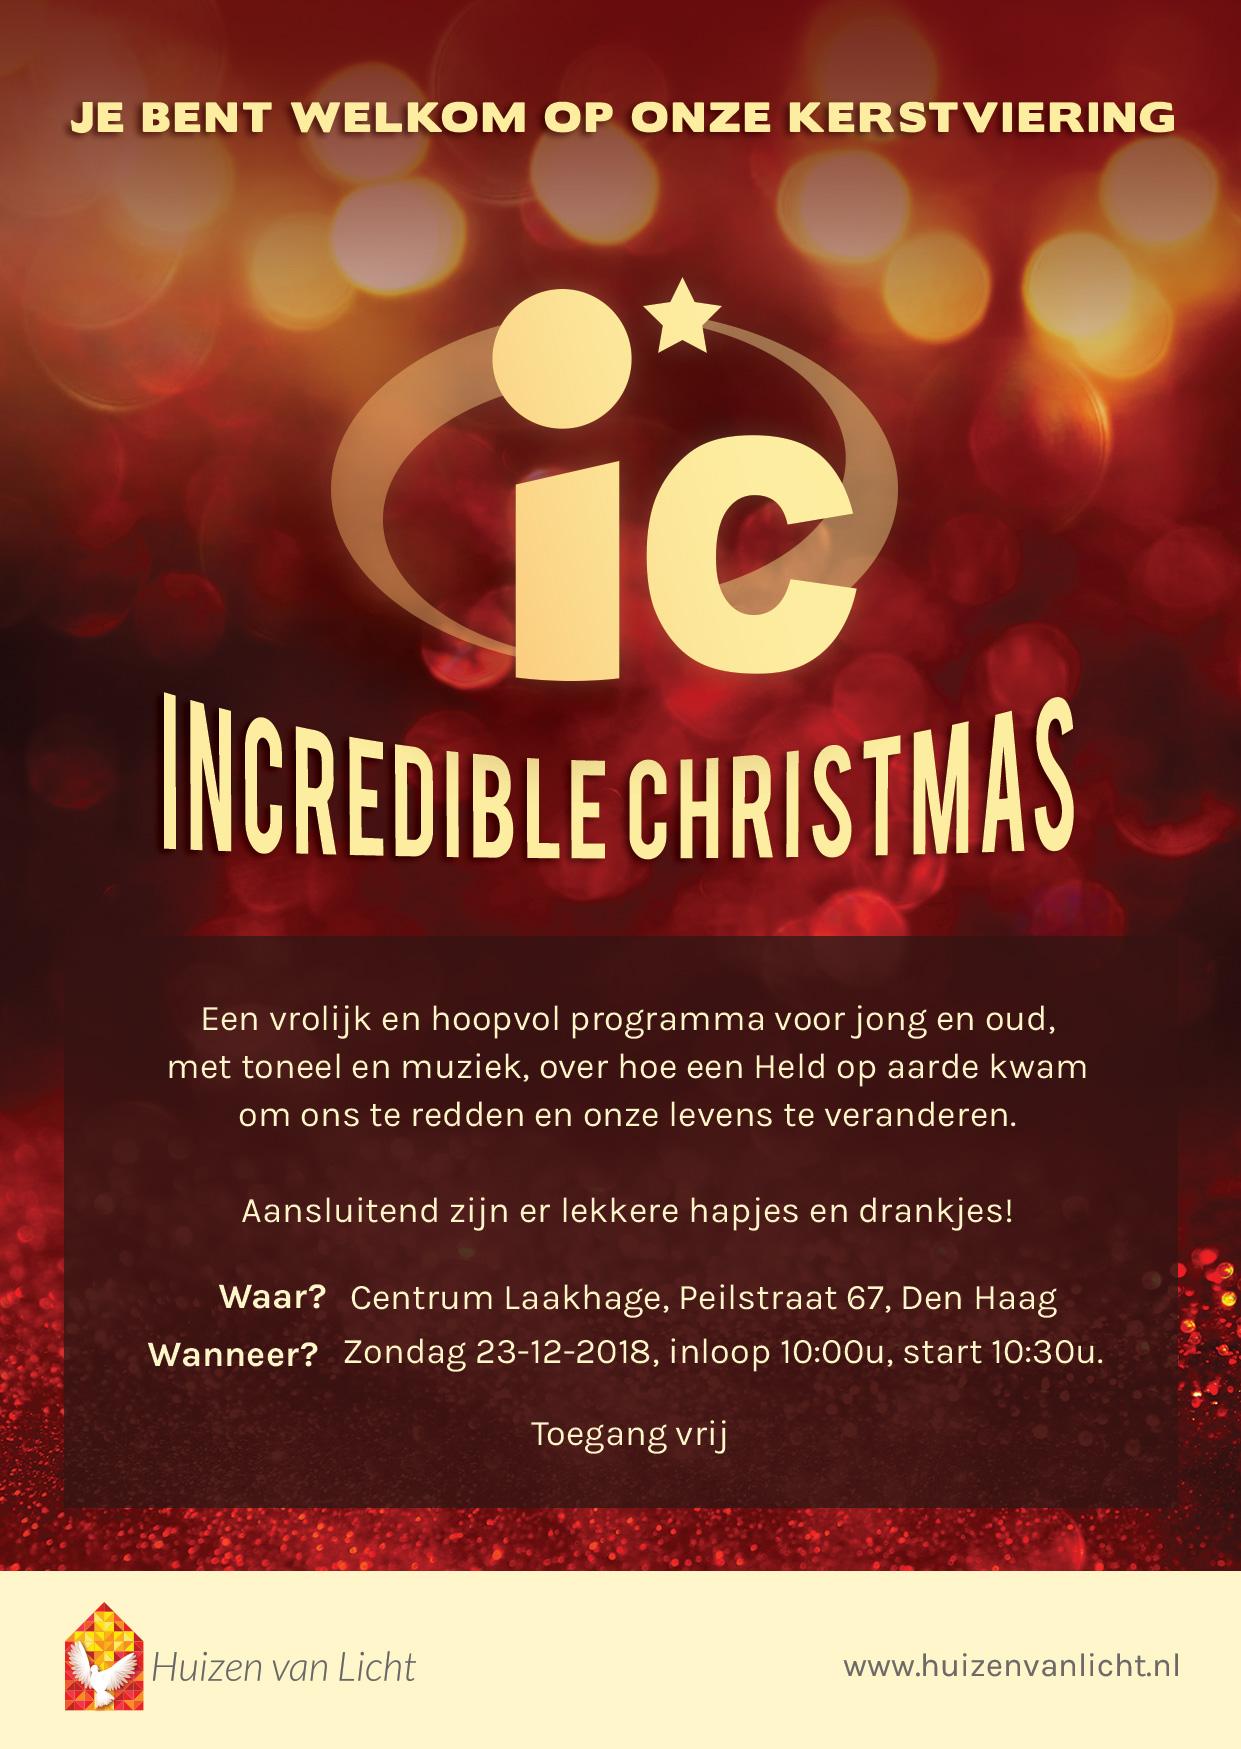 Kom jij ook naar onze kerstviering?